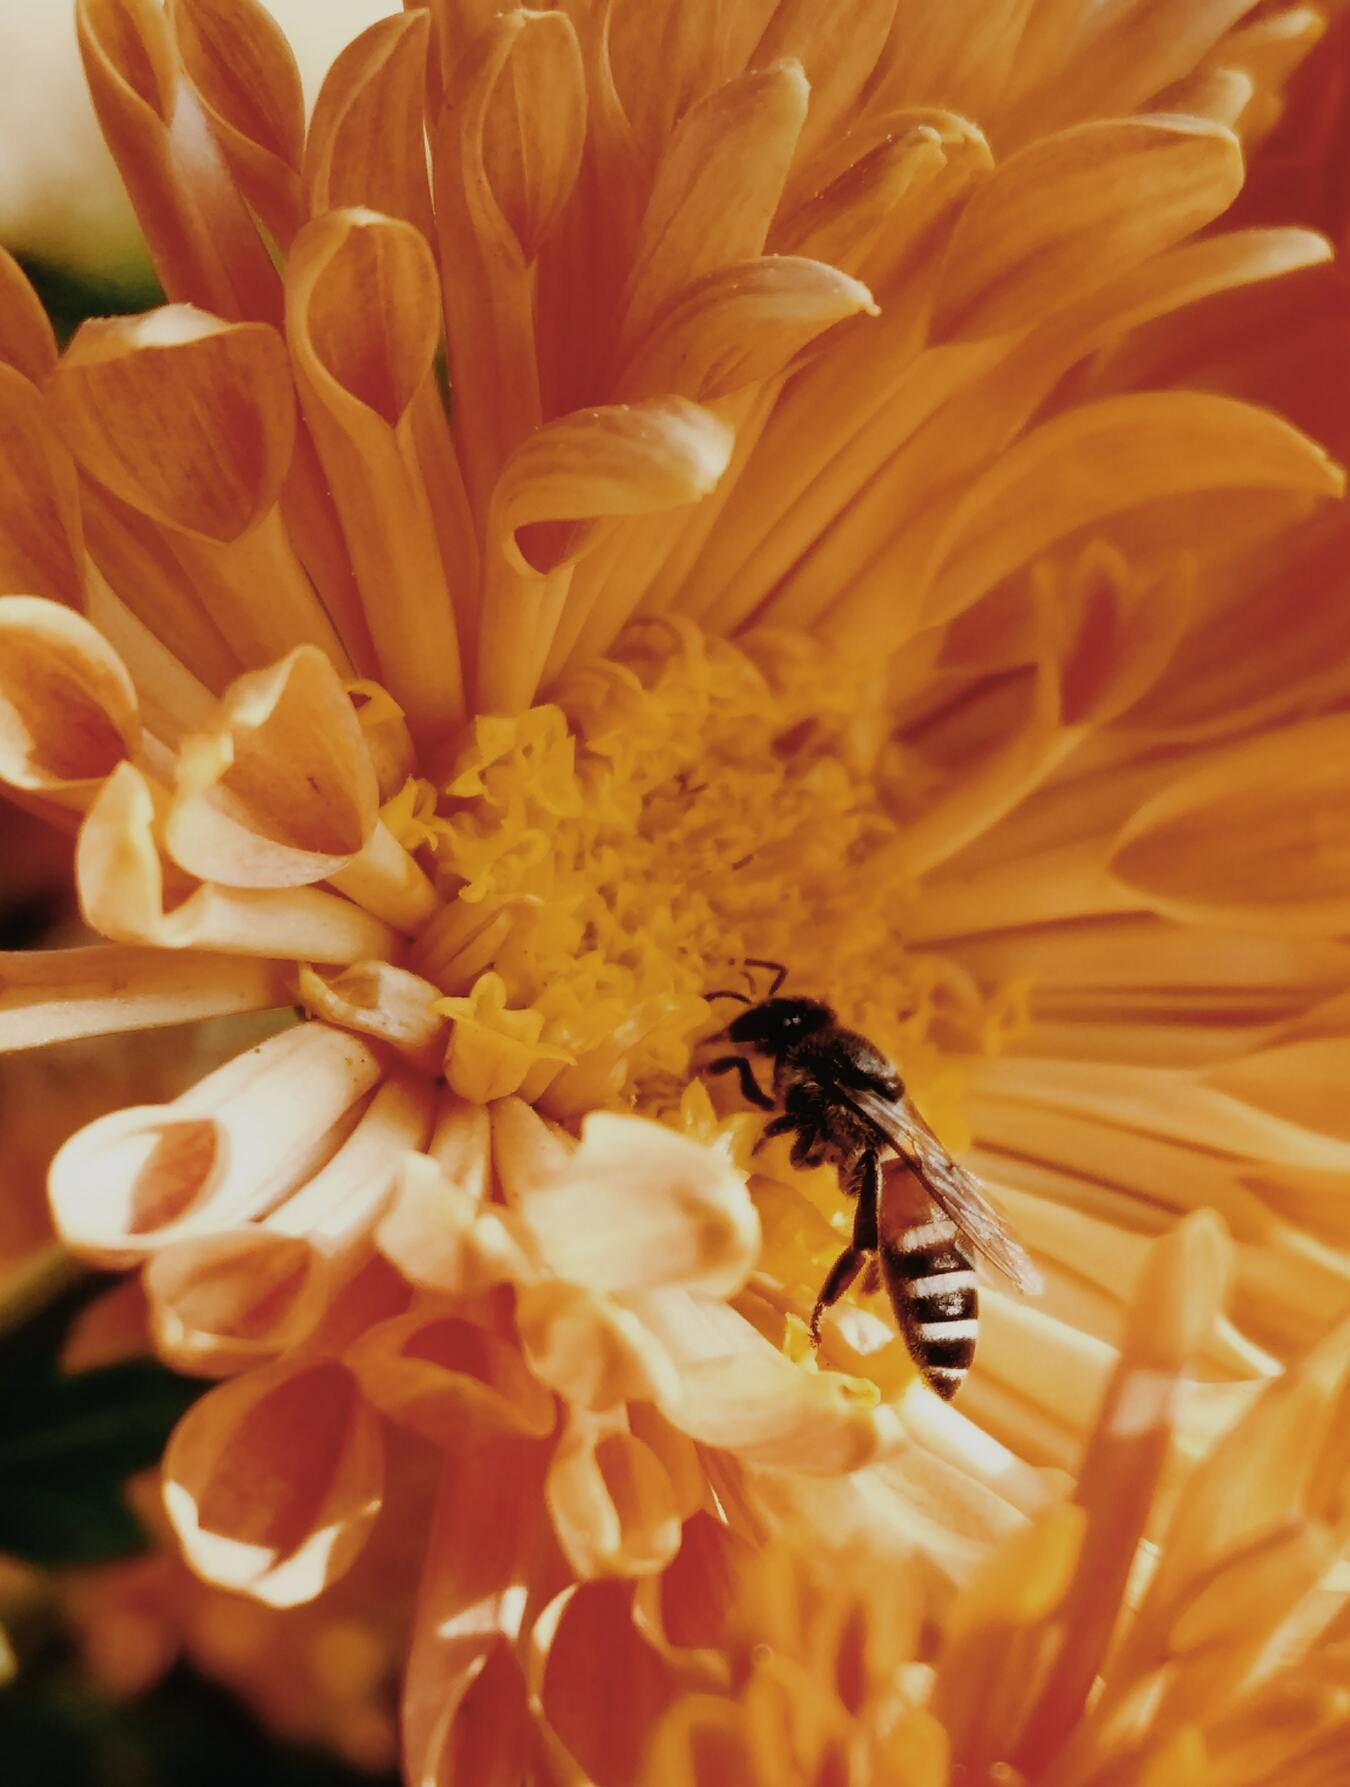 Hình ảnh con ong thợ lấy mật đẹp